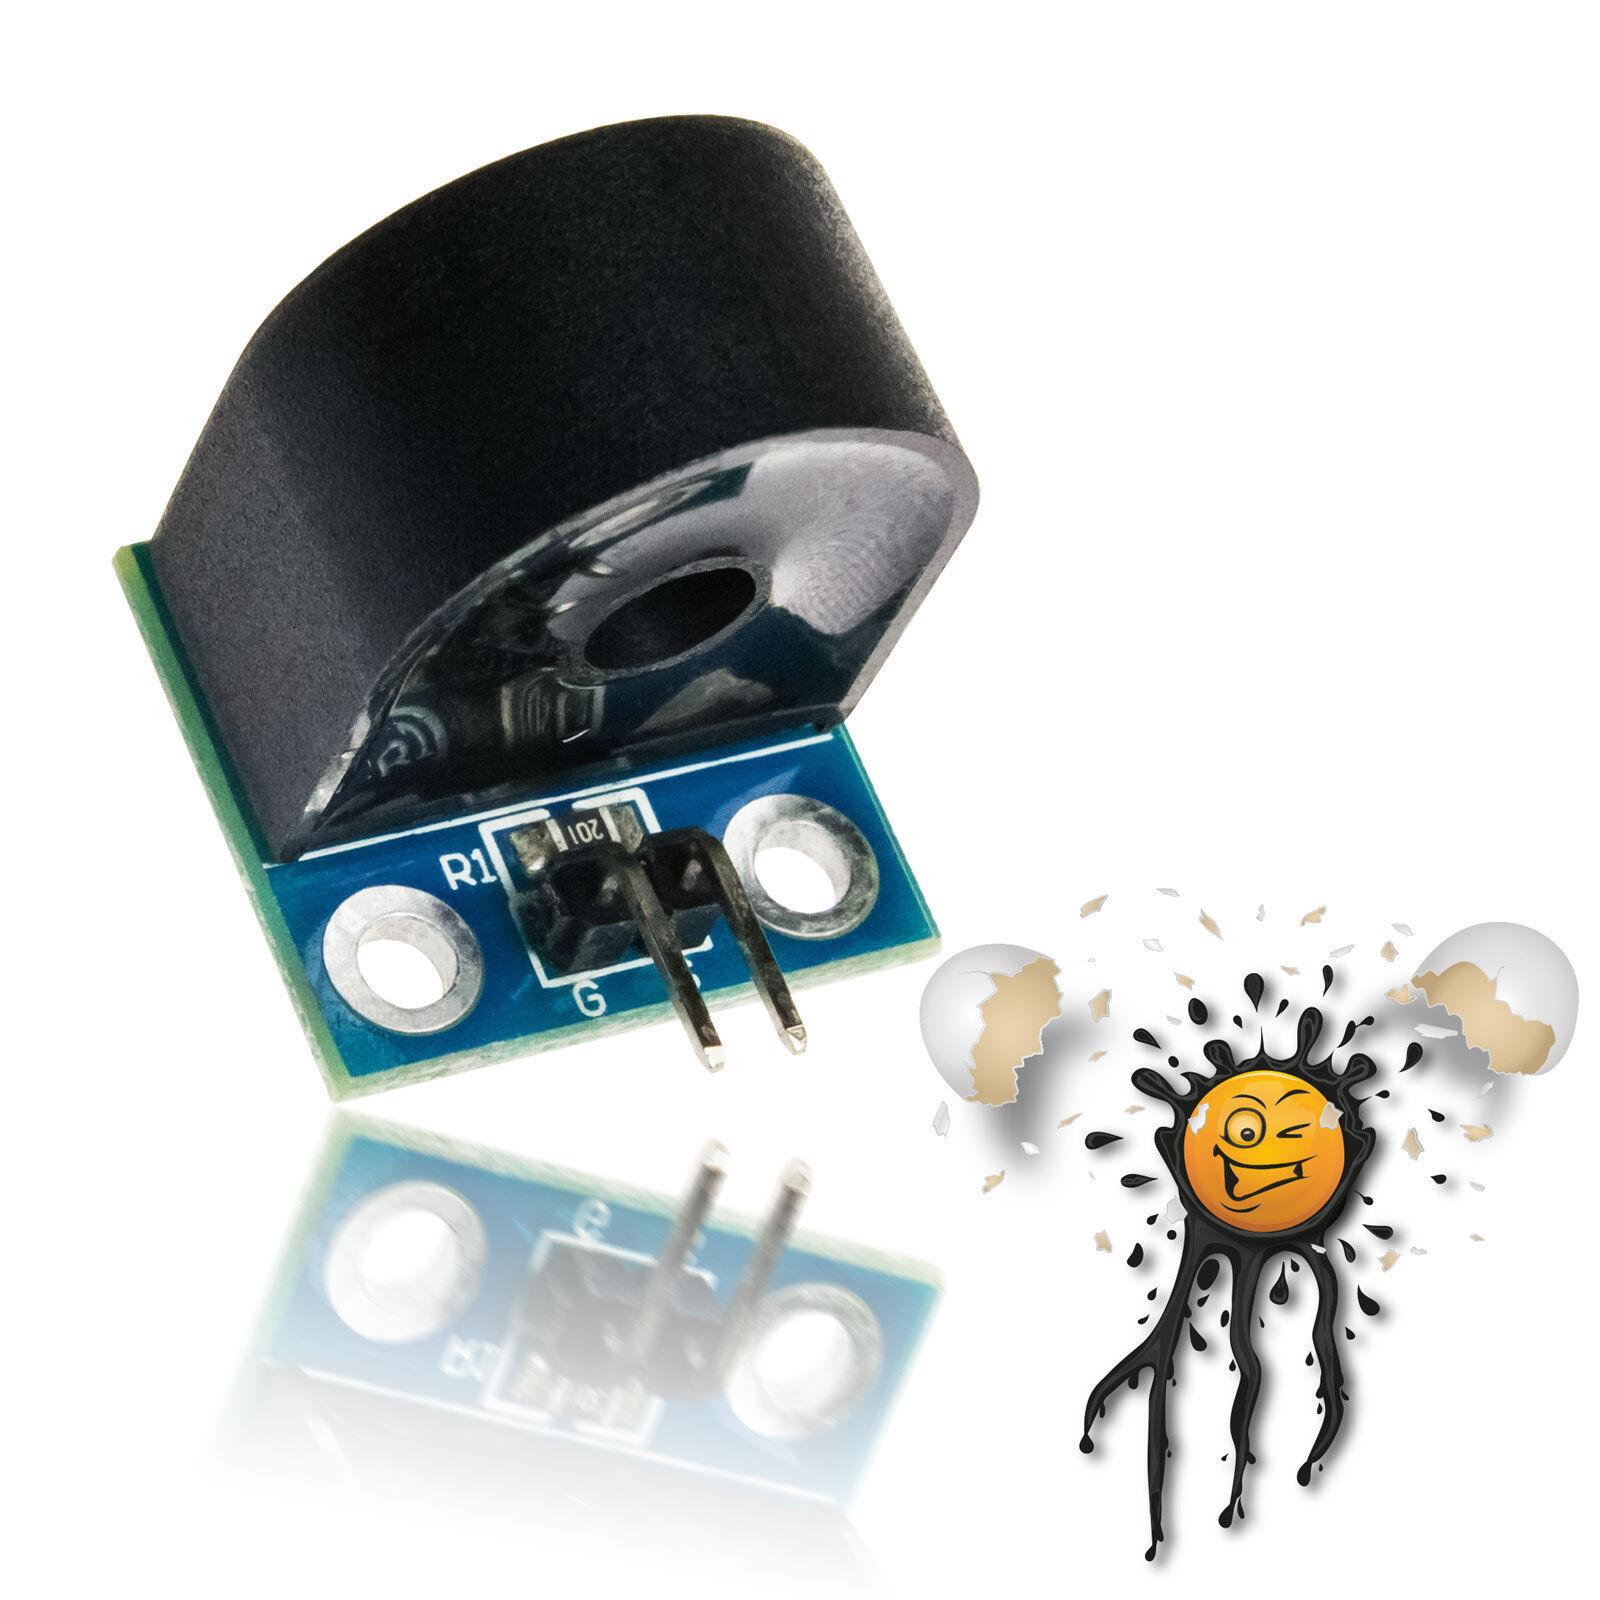 Sensore di corrente AC SCT-013 0-30A 0-1V ADC non invasivo sensore di corrente per Arduino ESP8266